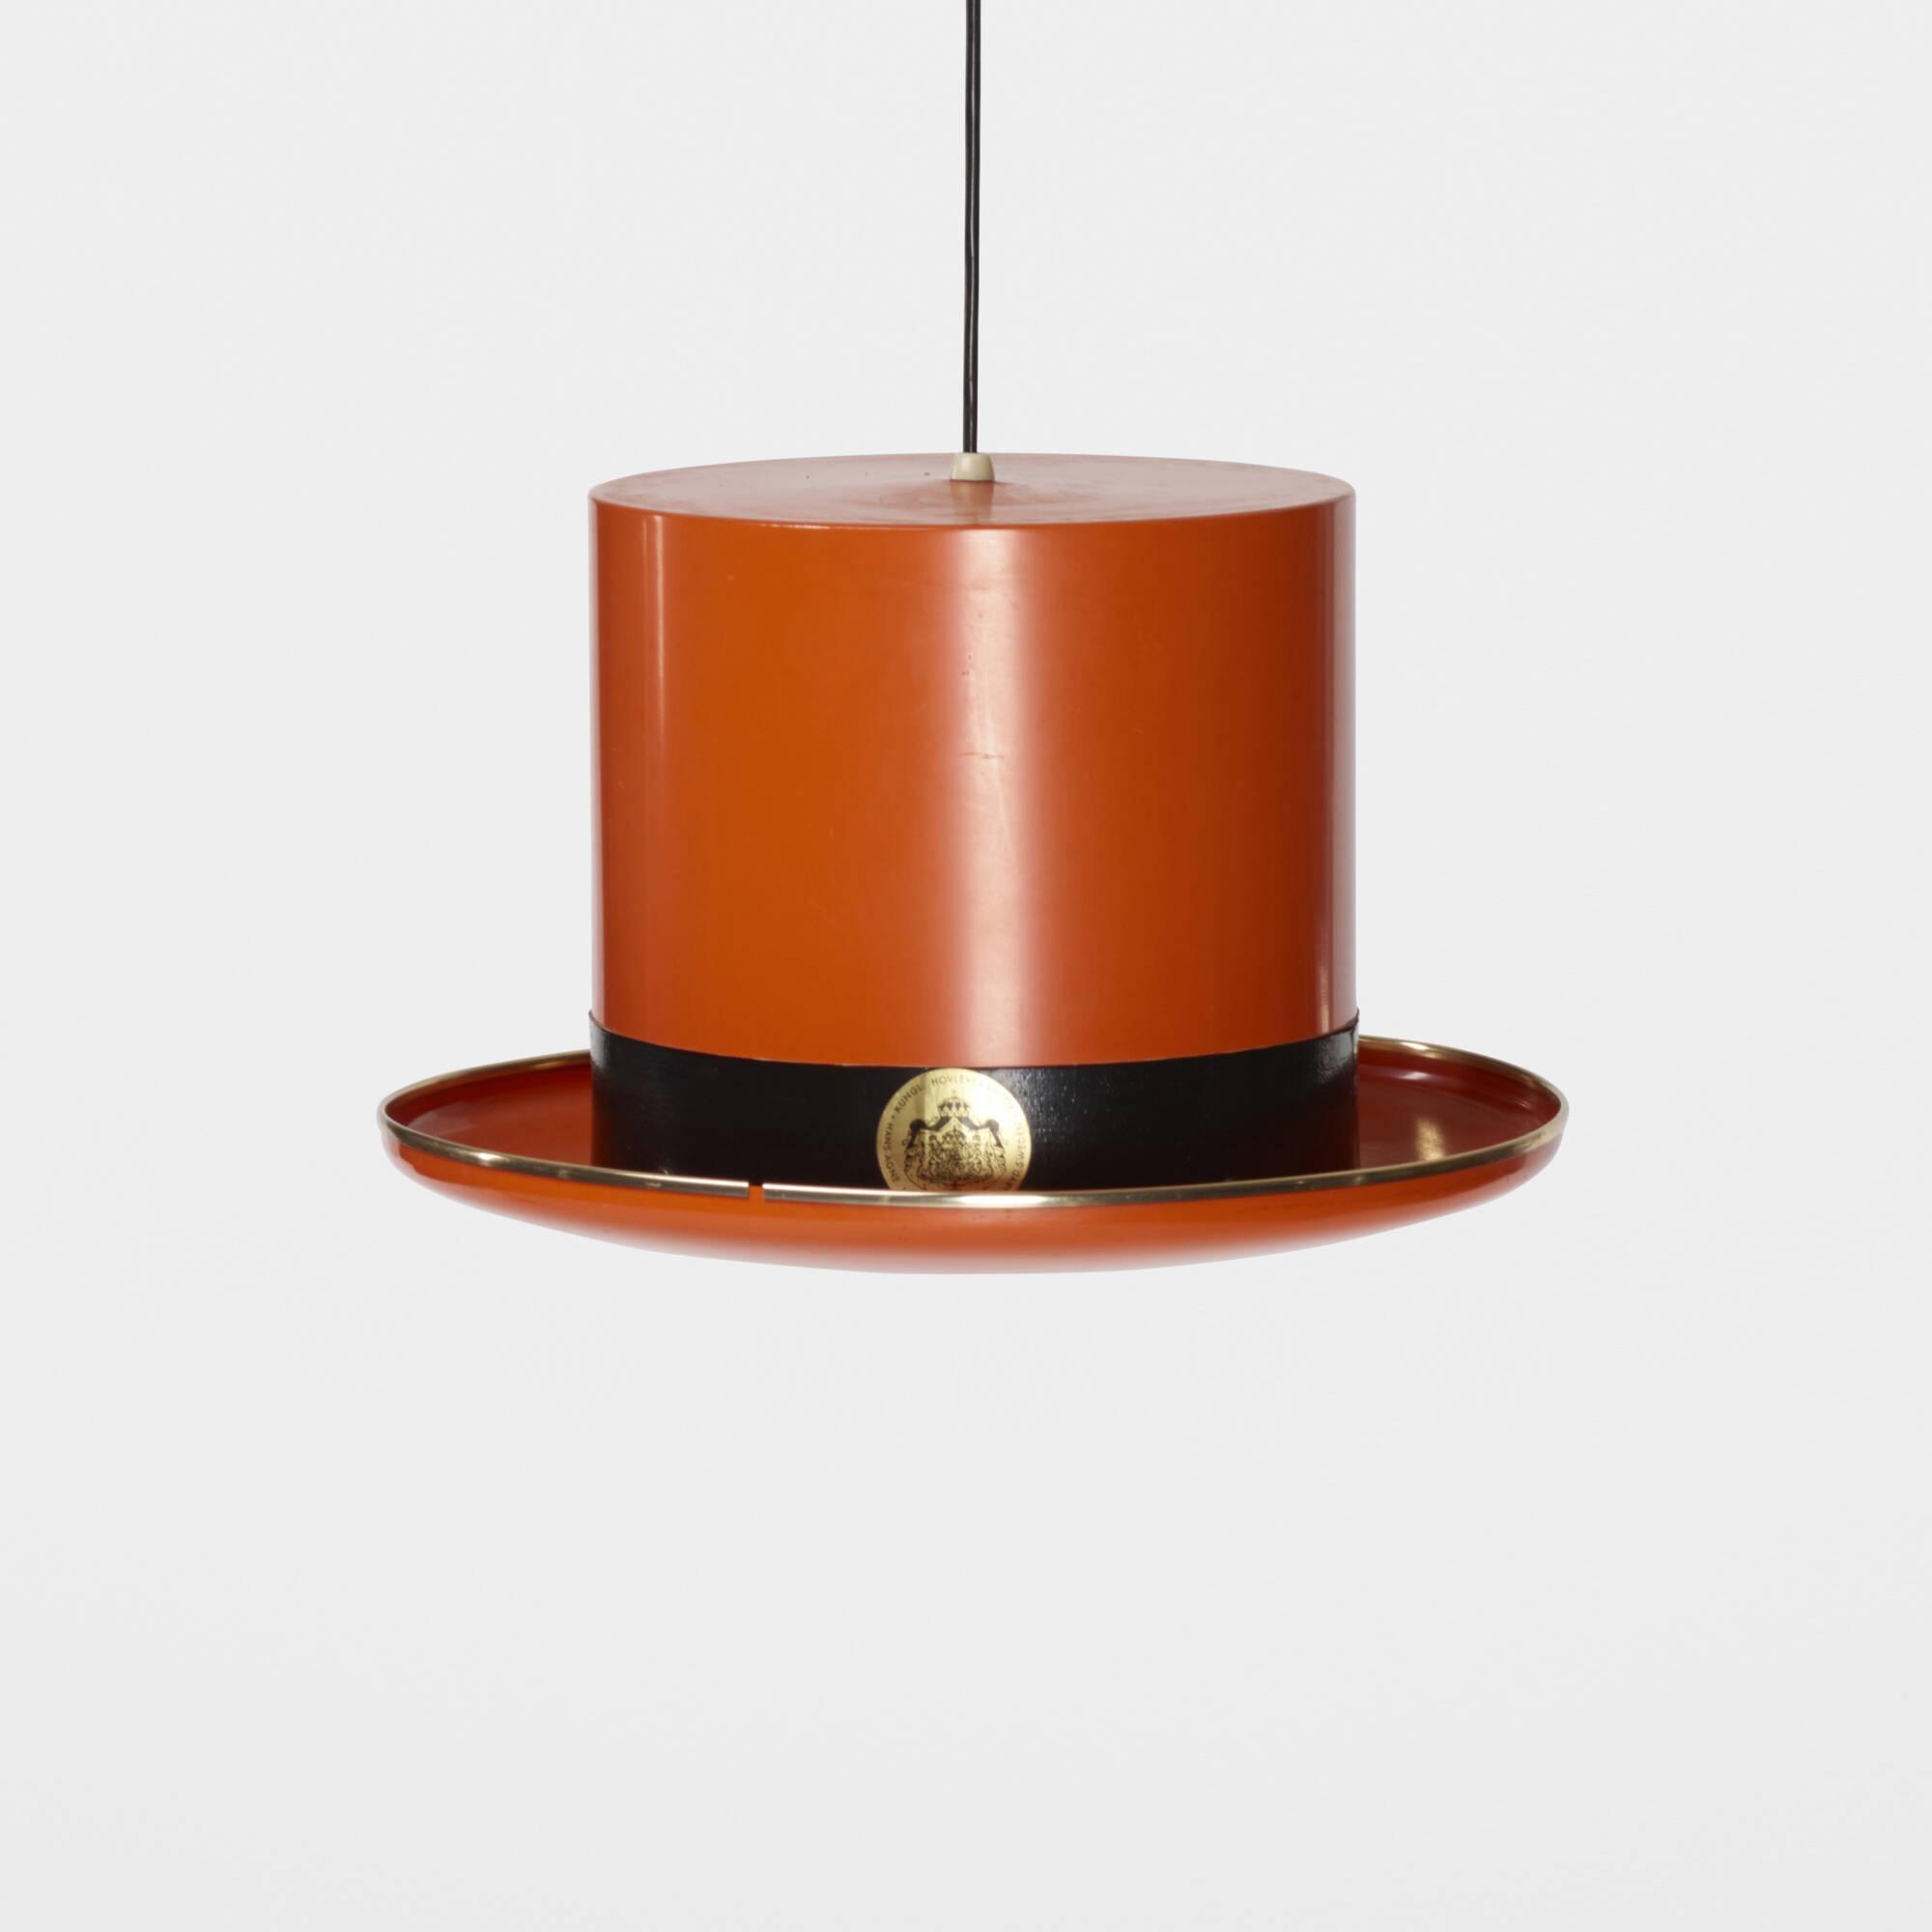 379: Hans-Agne Jakobsson / Hat pendant lamp (1 of 2)